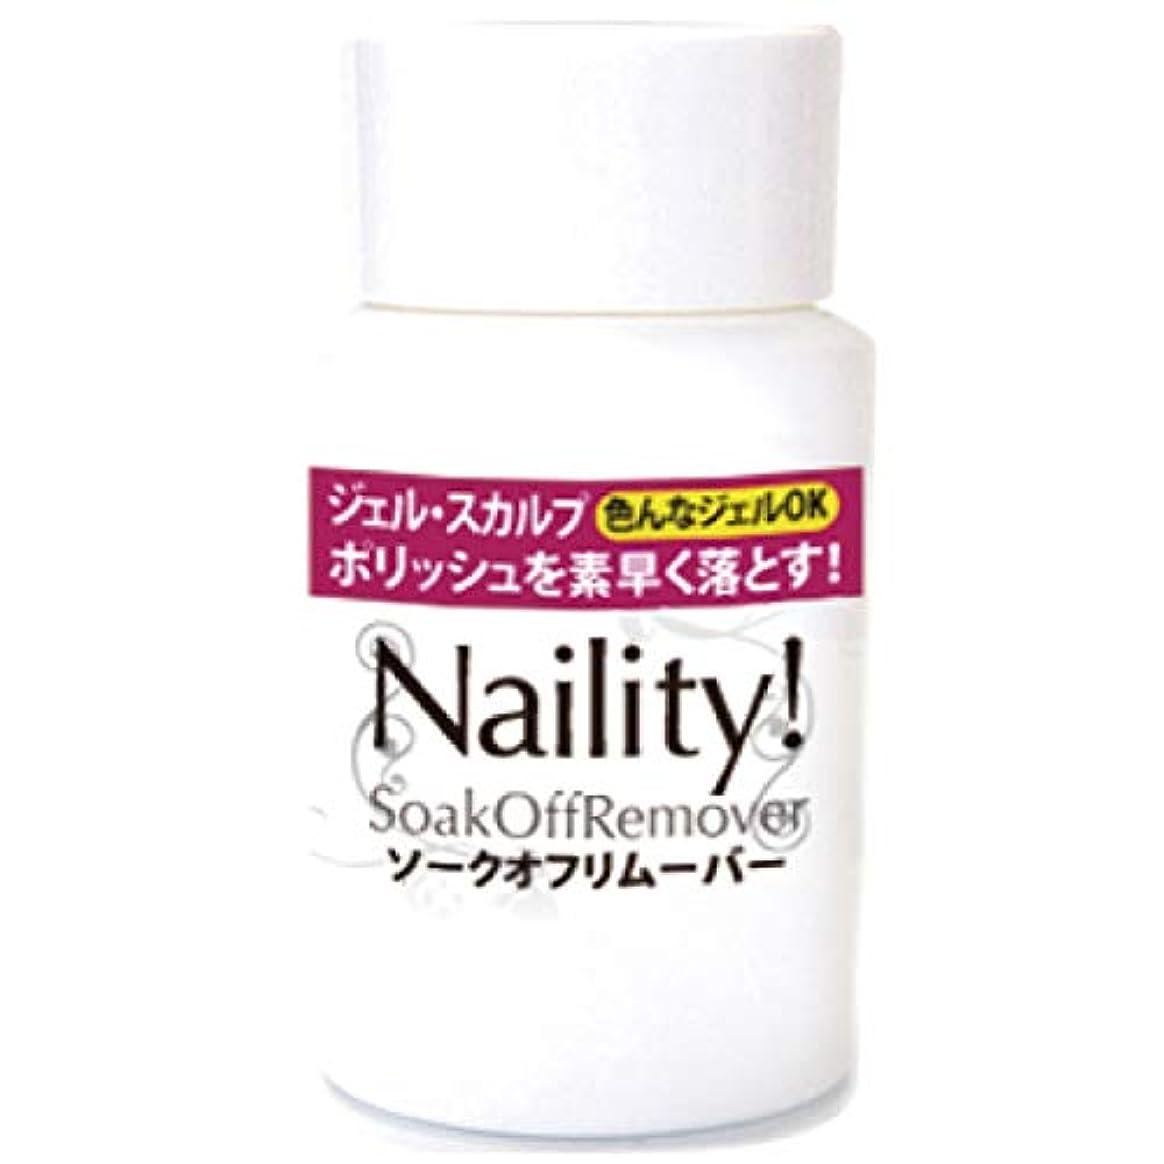 十金額無限大Naility! ソークオフリムーバー (リフィル) 500mL